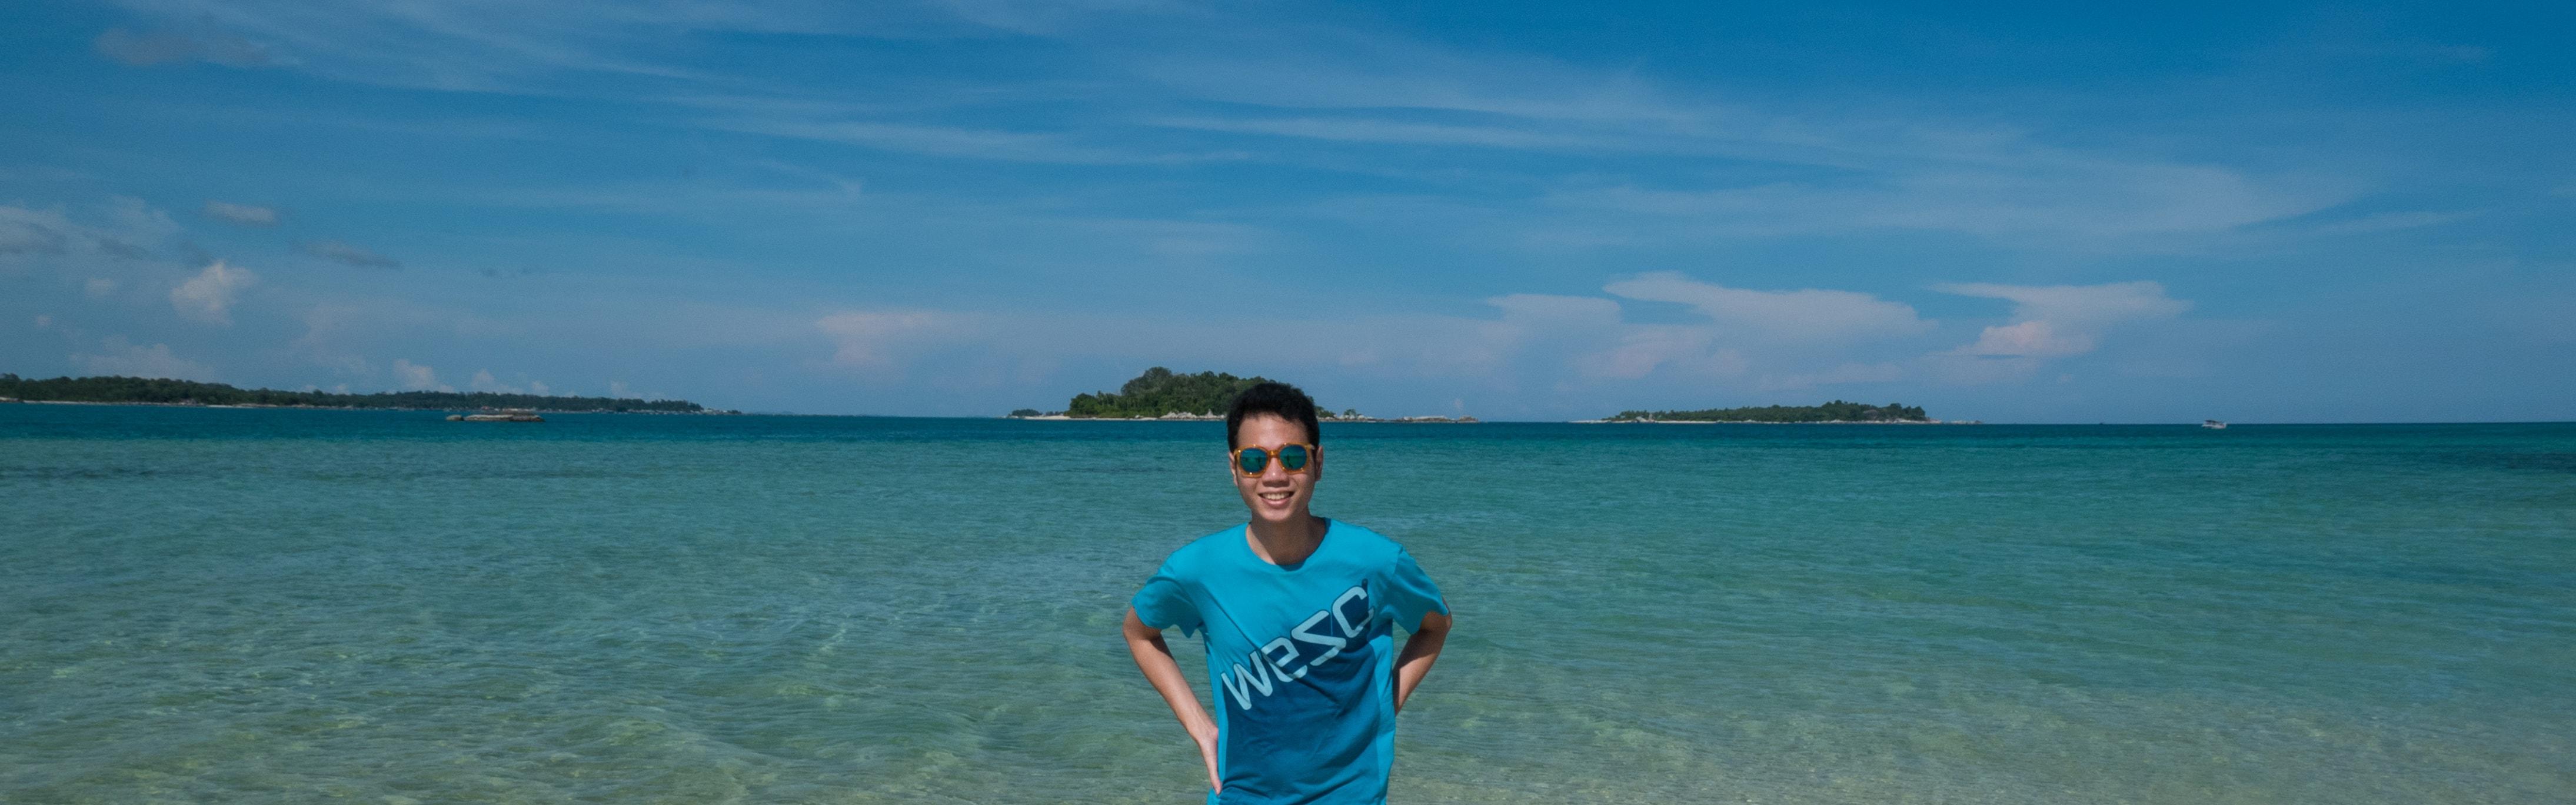 pulau pasir belitung 2